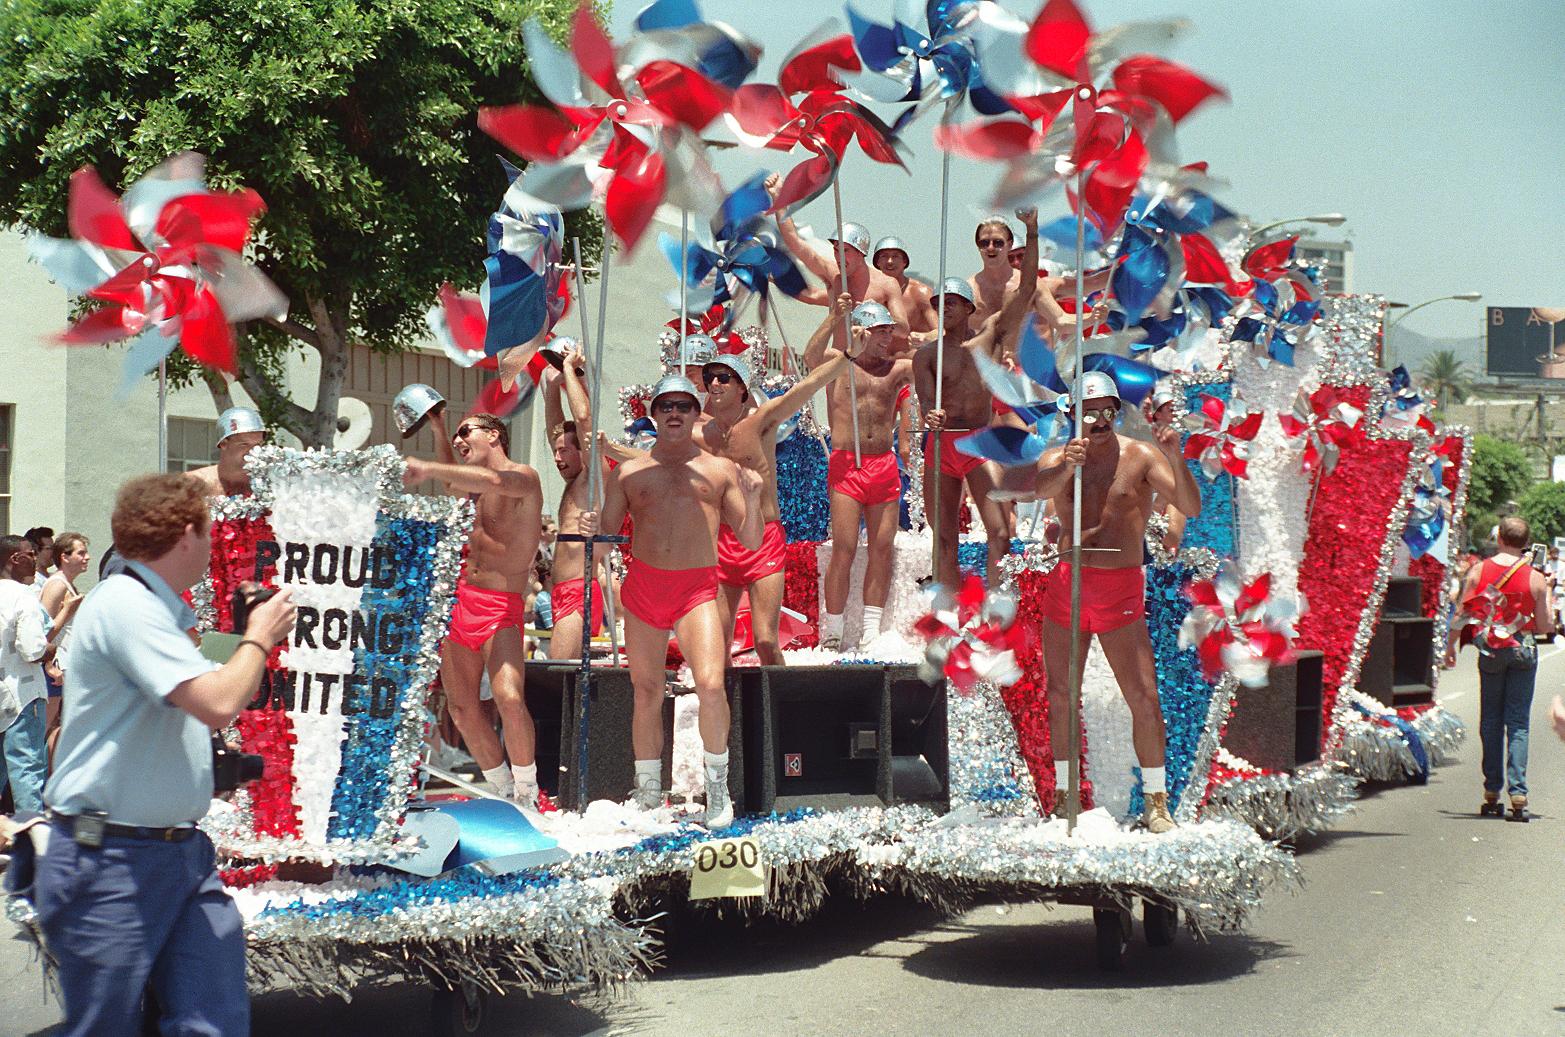 la-pride-1987-1995_21687527324_o